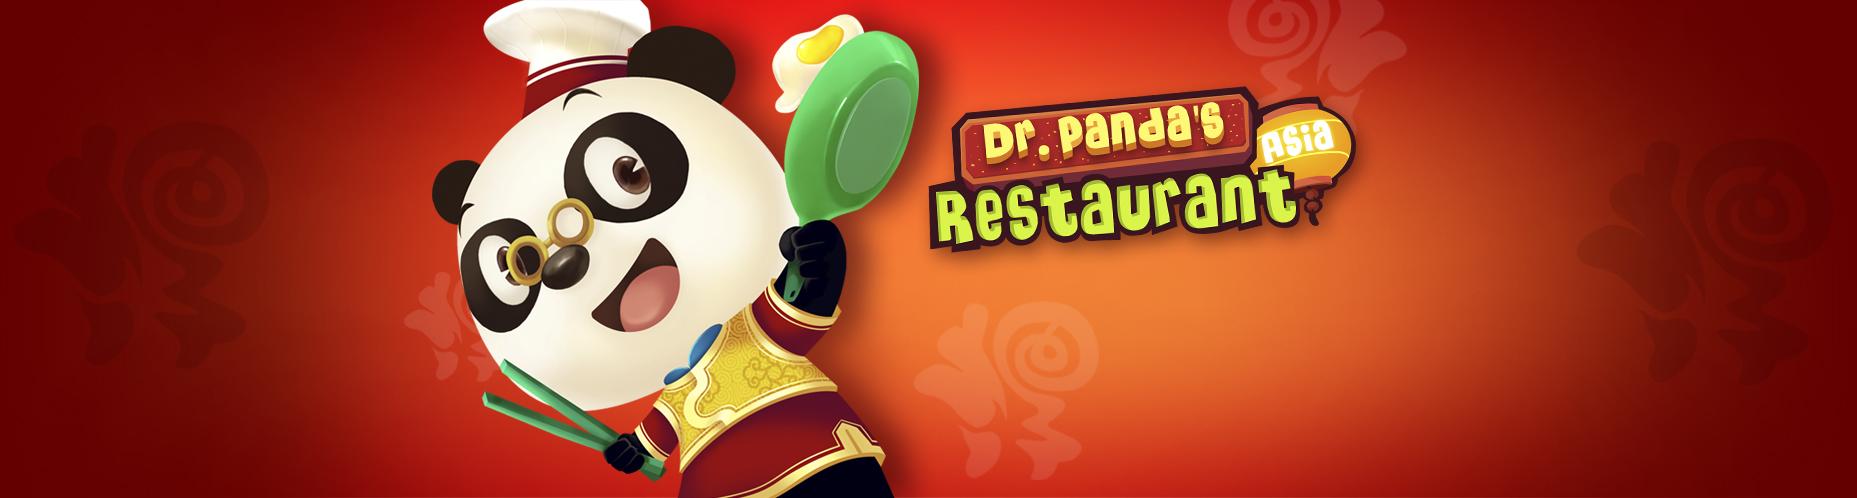 Main_Image_Restaurant_Asia4